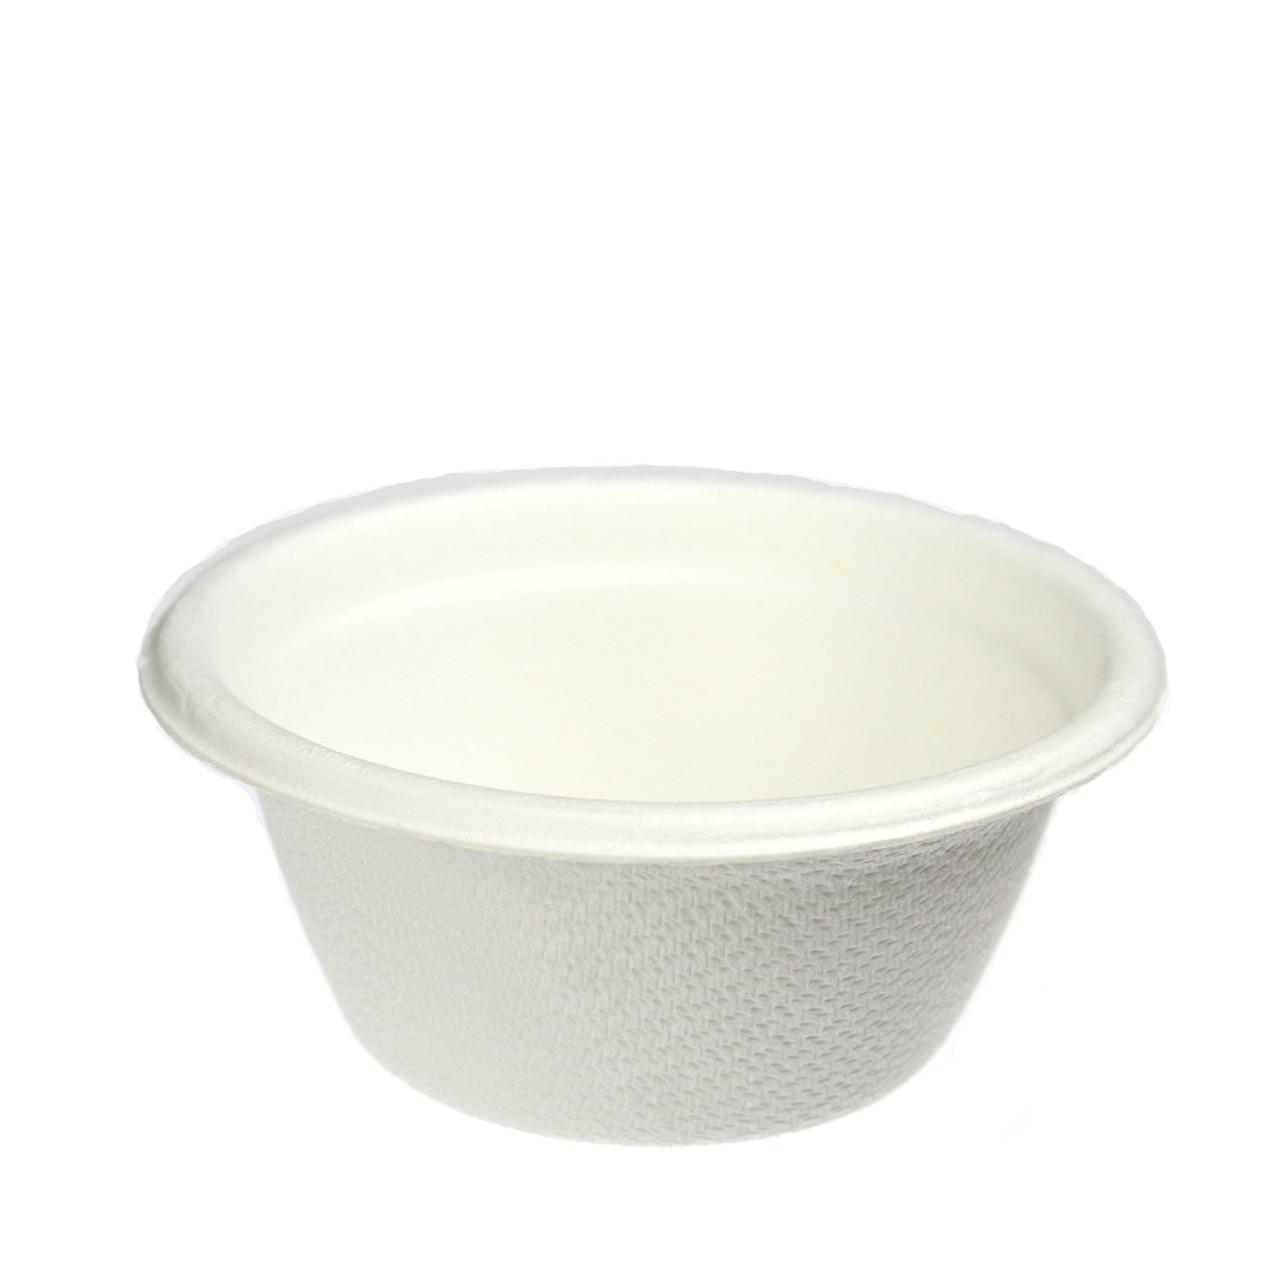 2oz sugarcane sampling cup